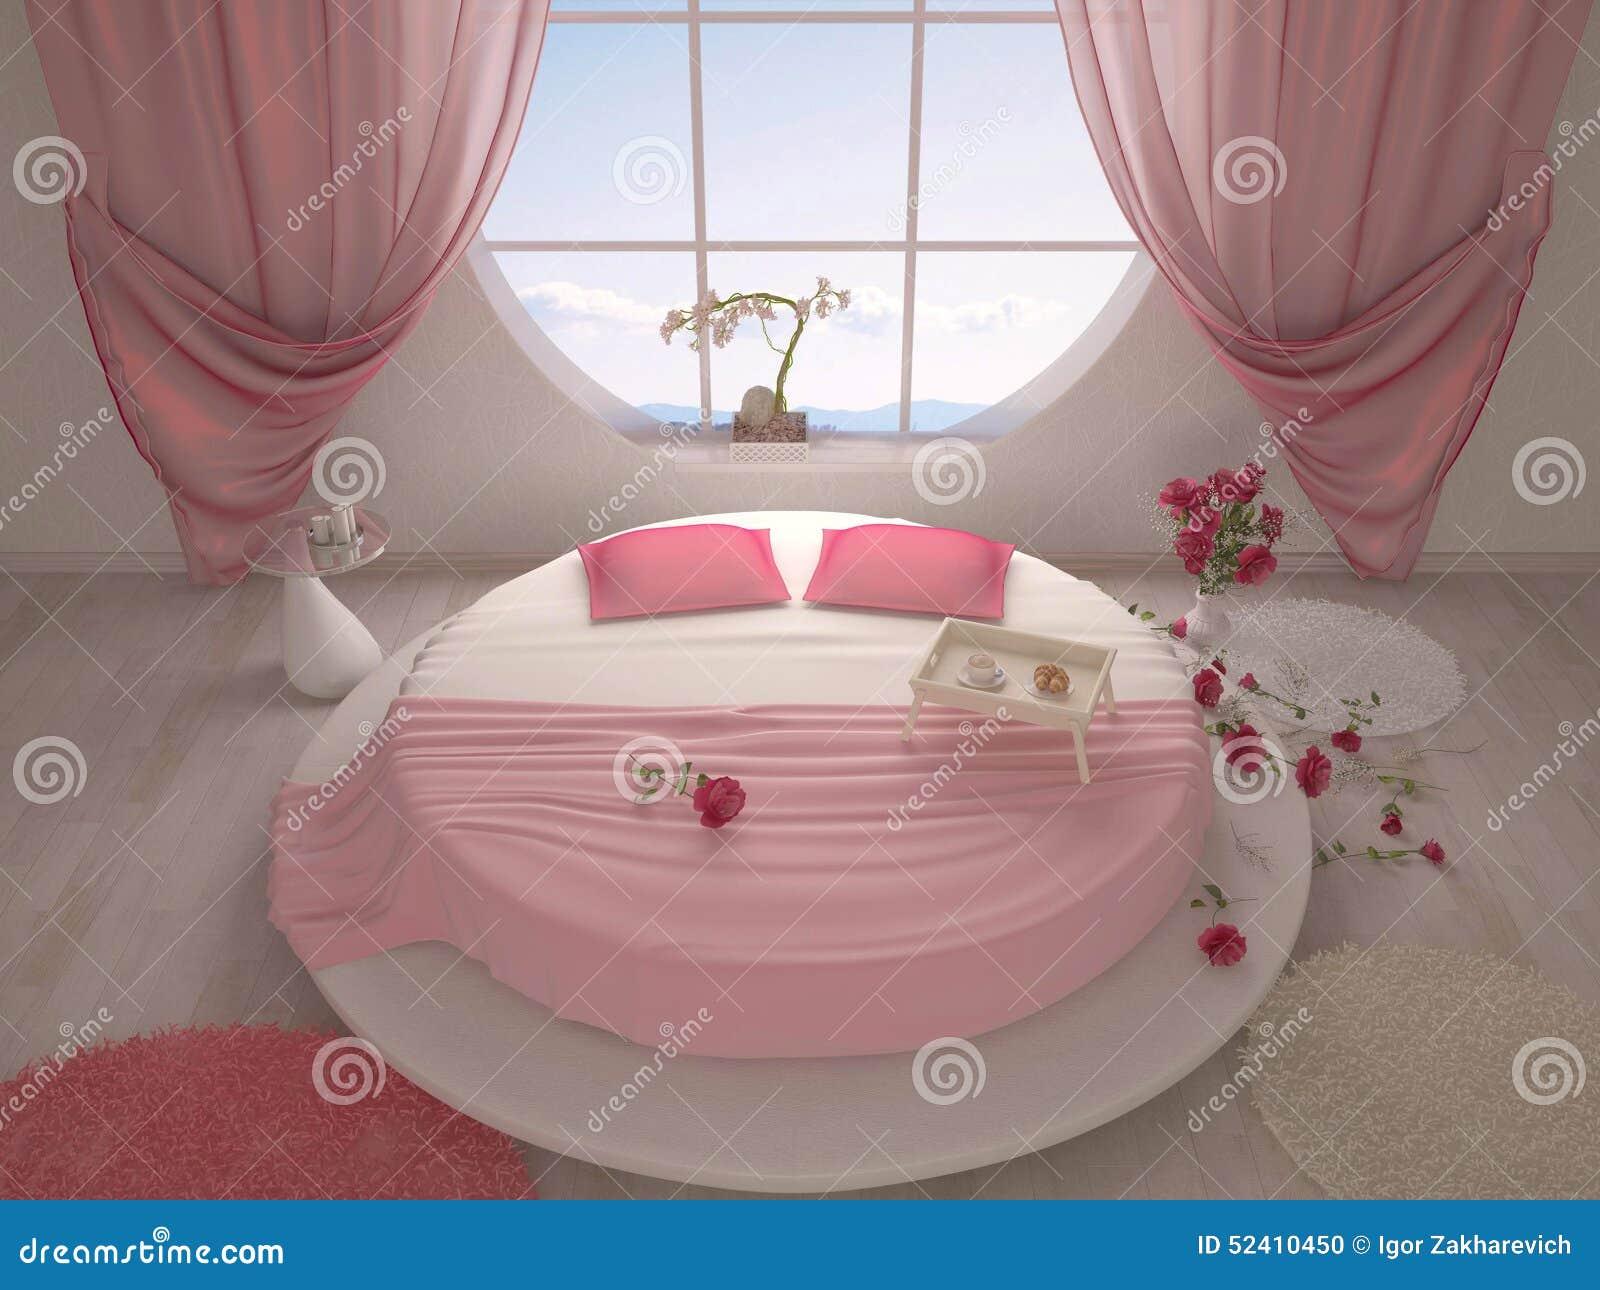 Rond bed met een opgeschort plafond in slaapkamer royalty vrije ...